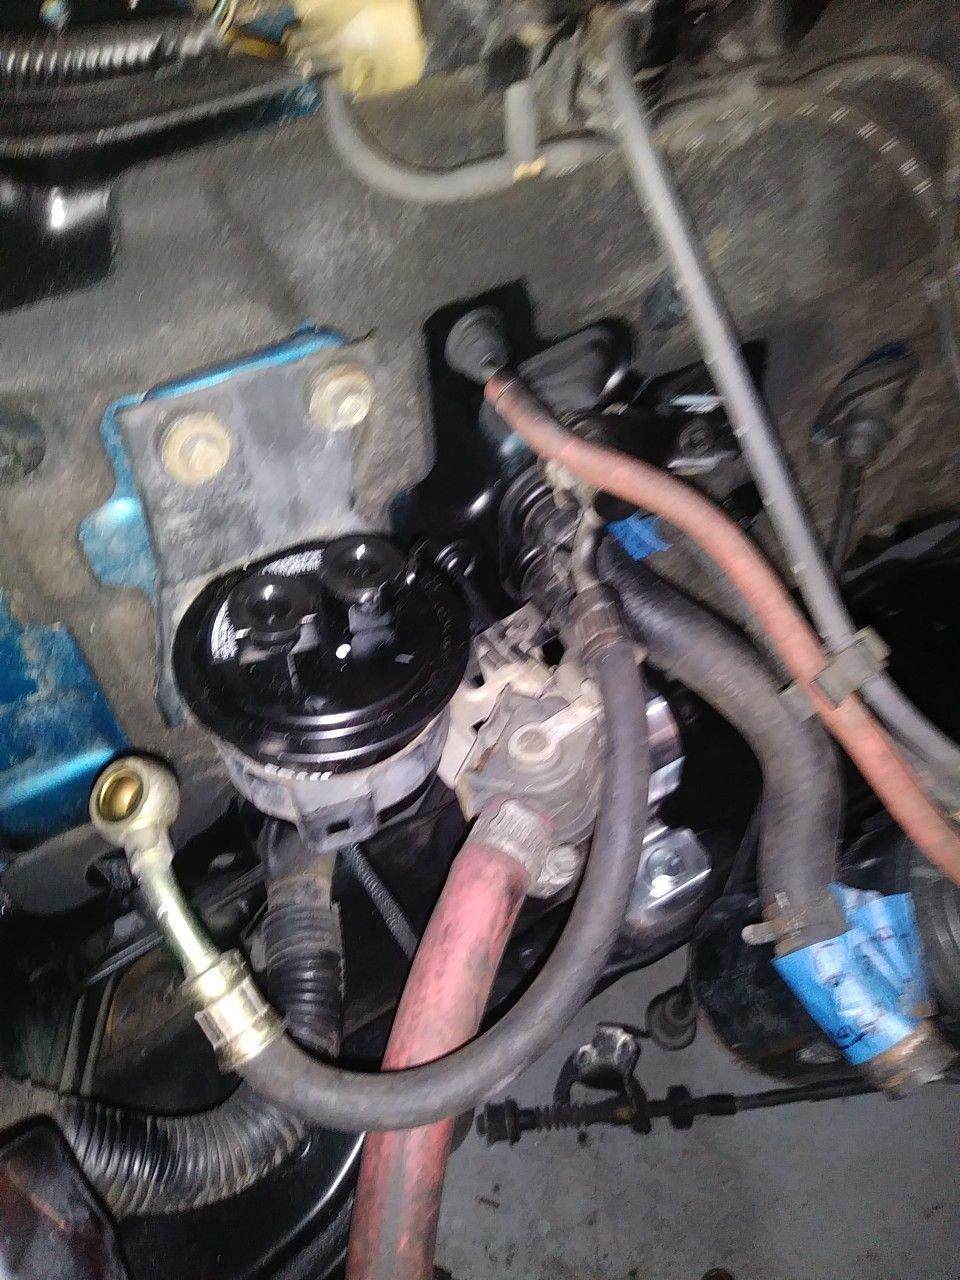 New Fuel Filter Honda Crx Rebuild Pinterest And Filters